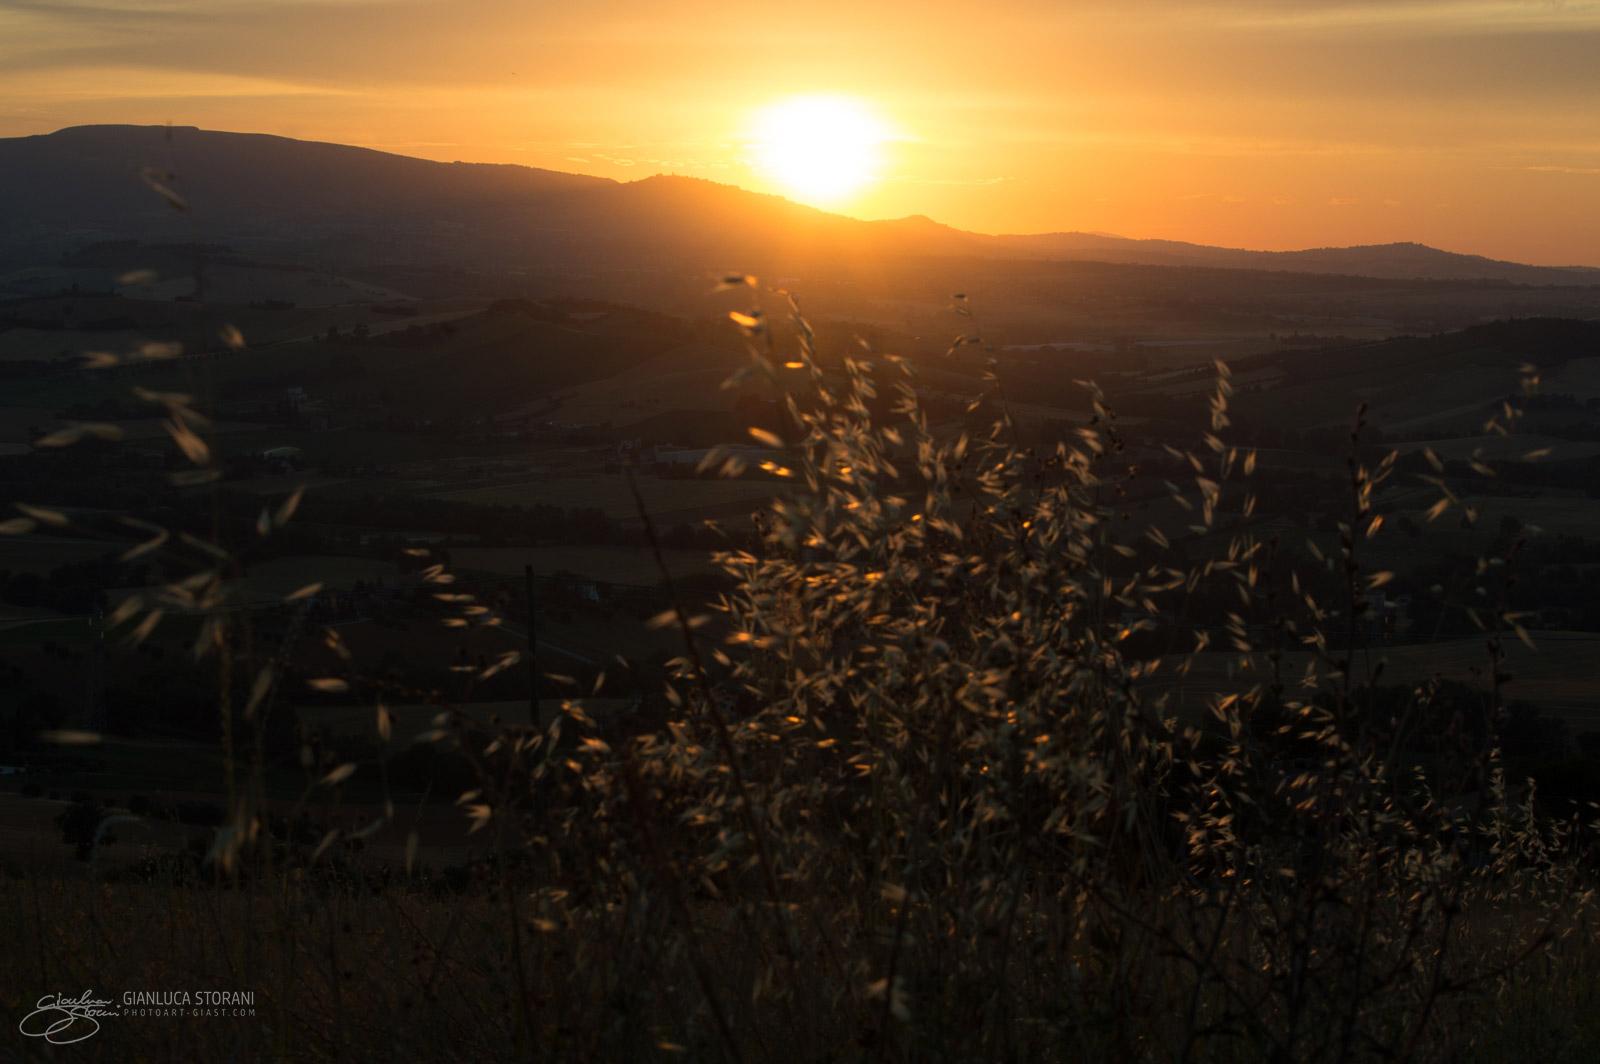 Quei tramonti che dischiudono abissi